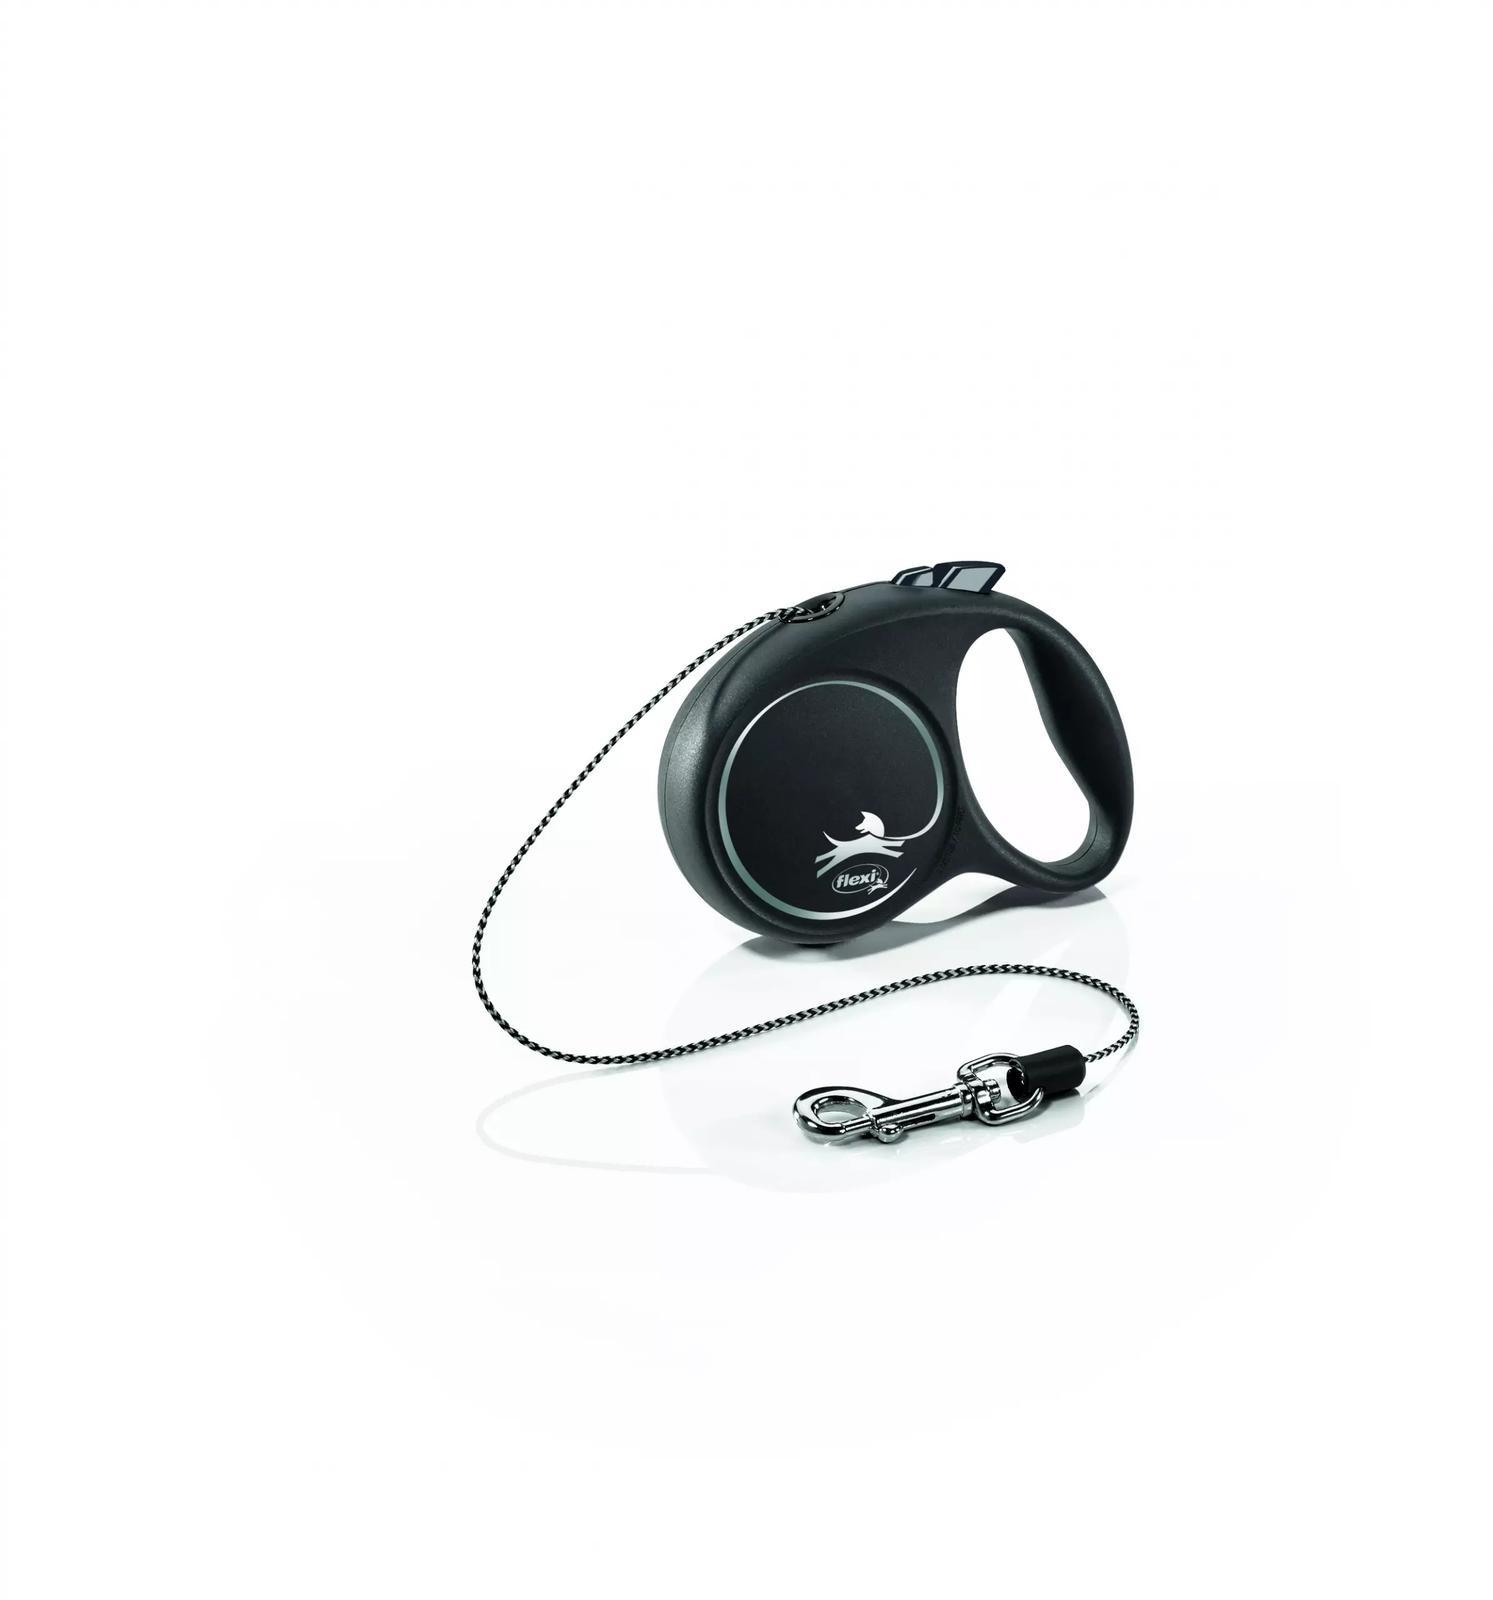 FLEXI Smycz automatyczna Black Design XS linka 3 m